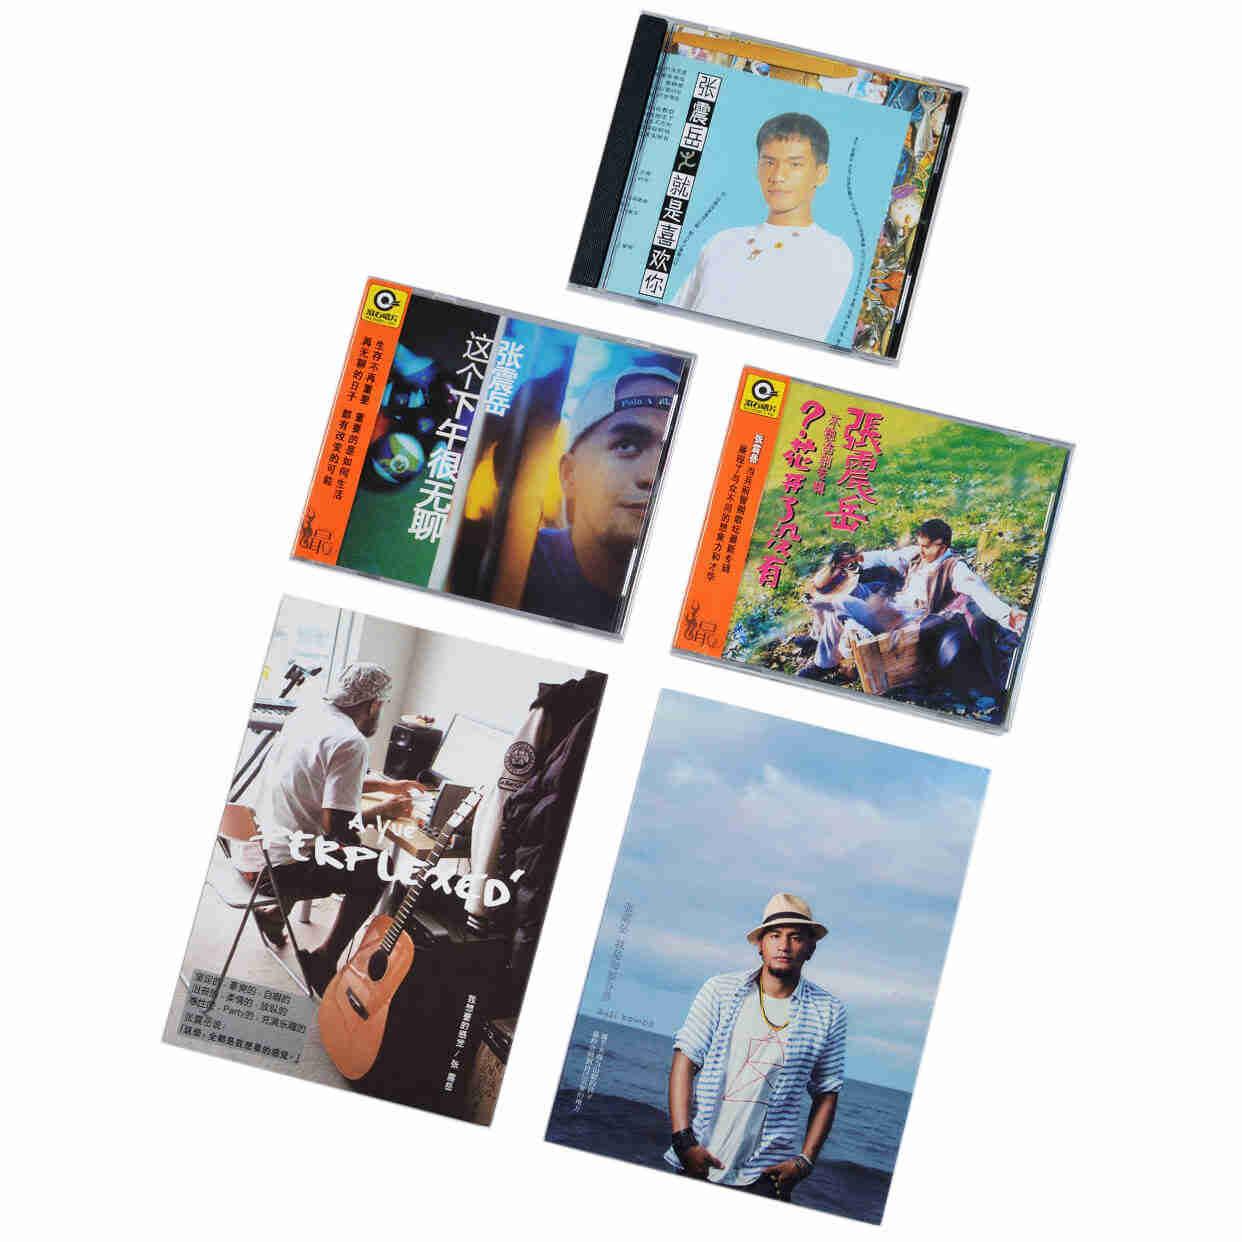 正版张震岳专辑套装我是海雅谷慕+我想要的感觉+花开了没有CD唱片